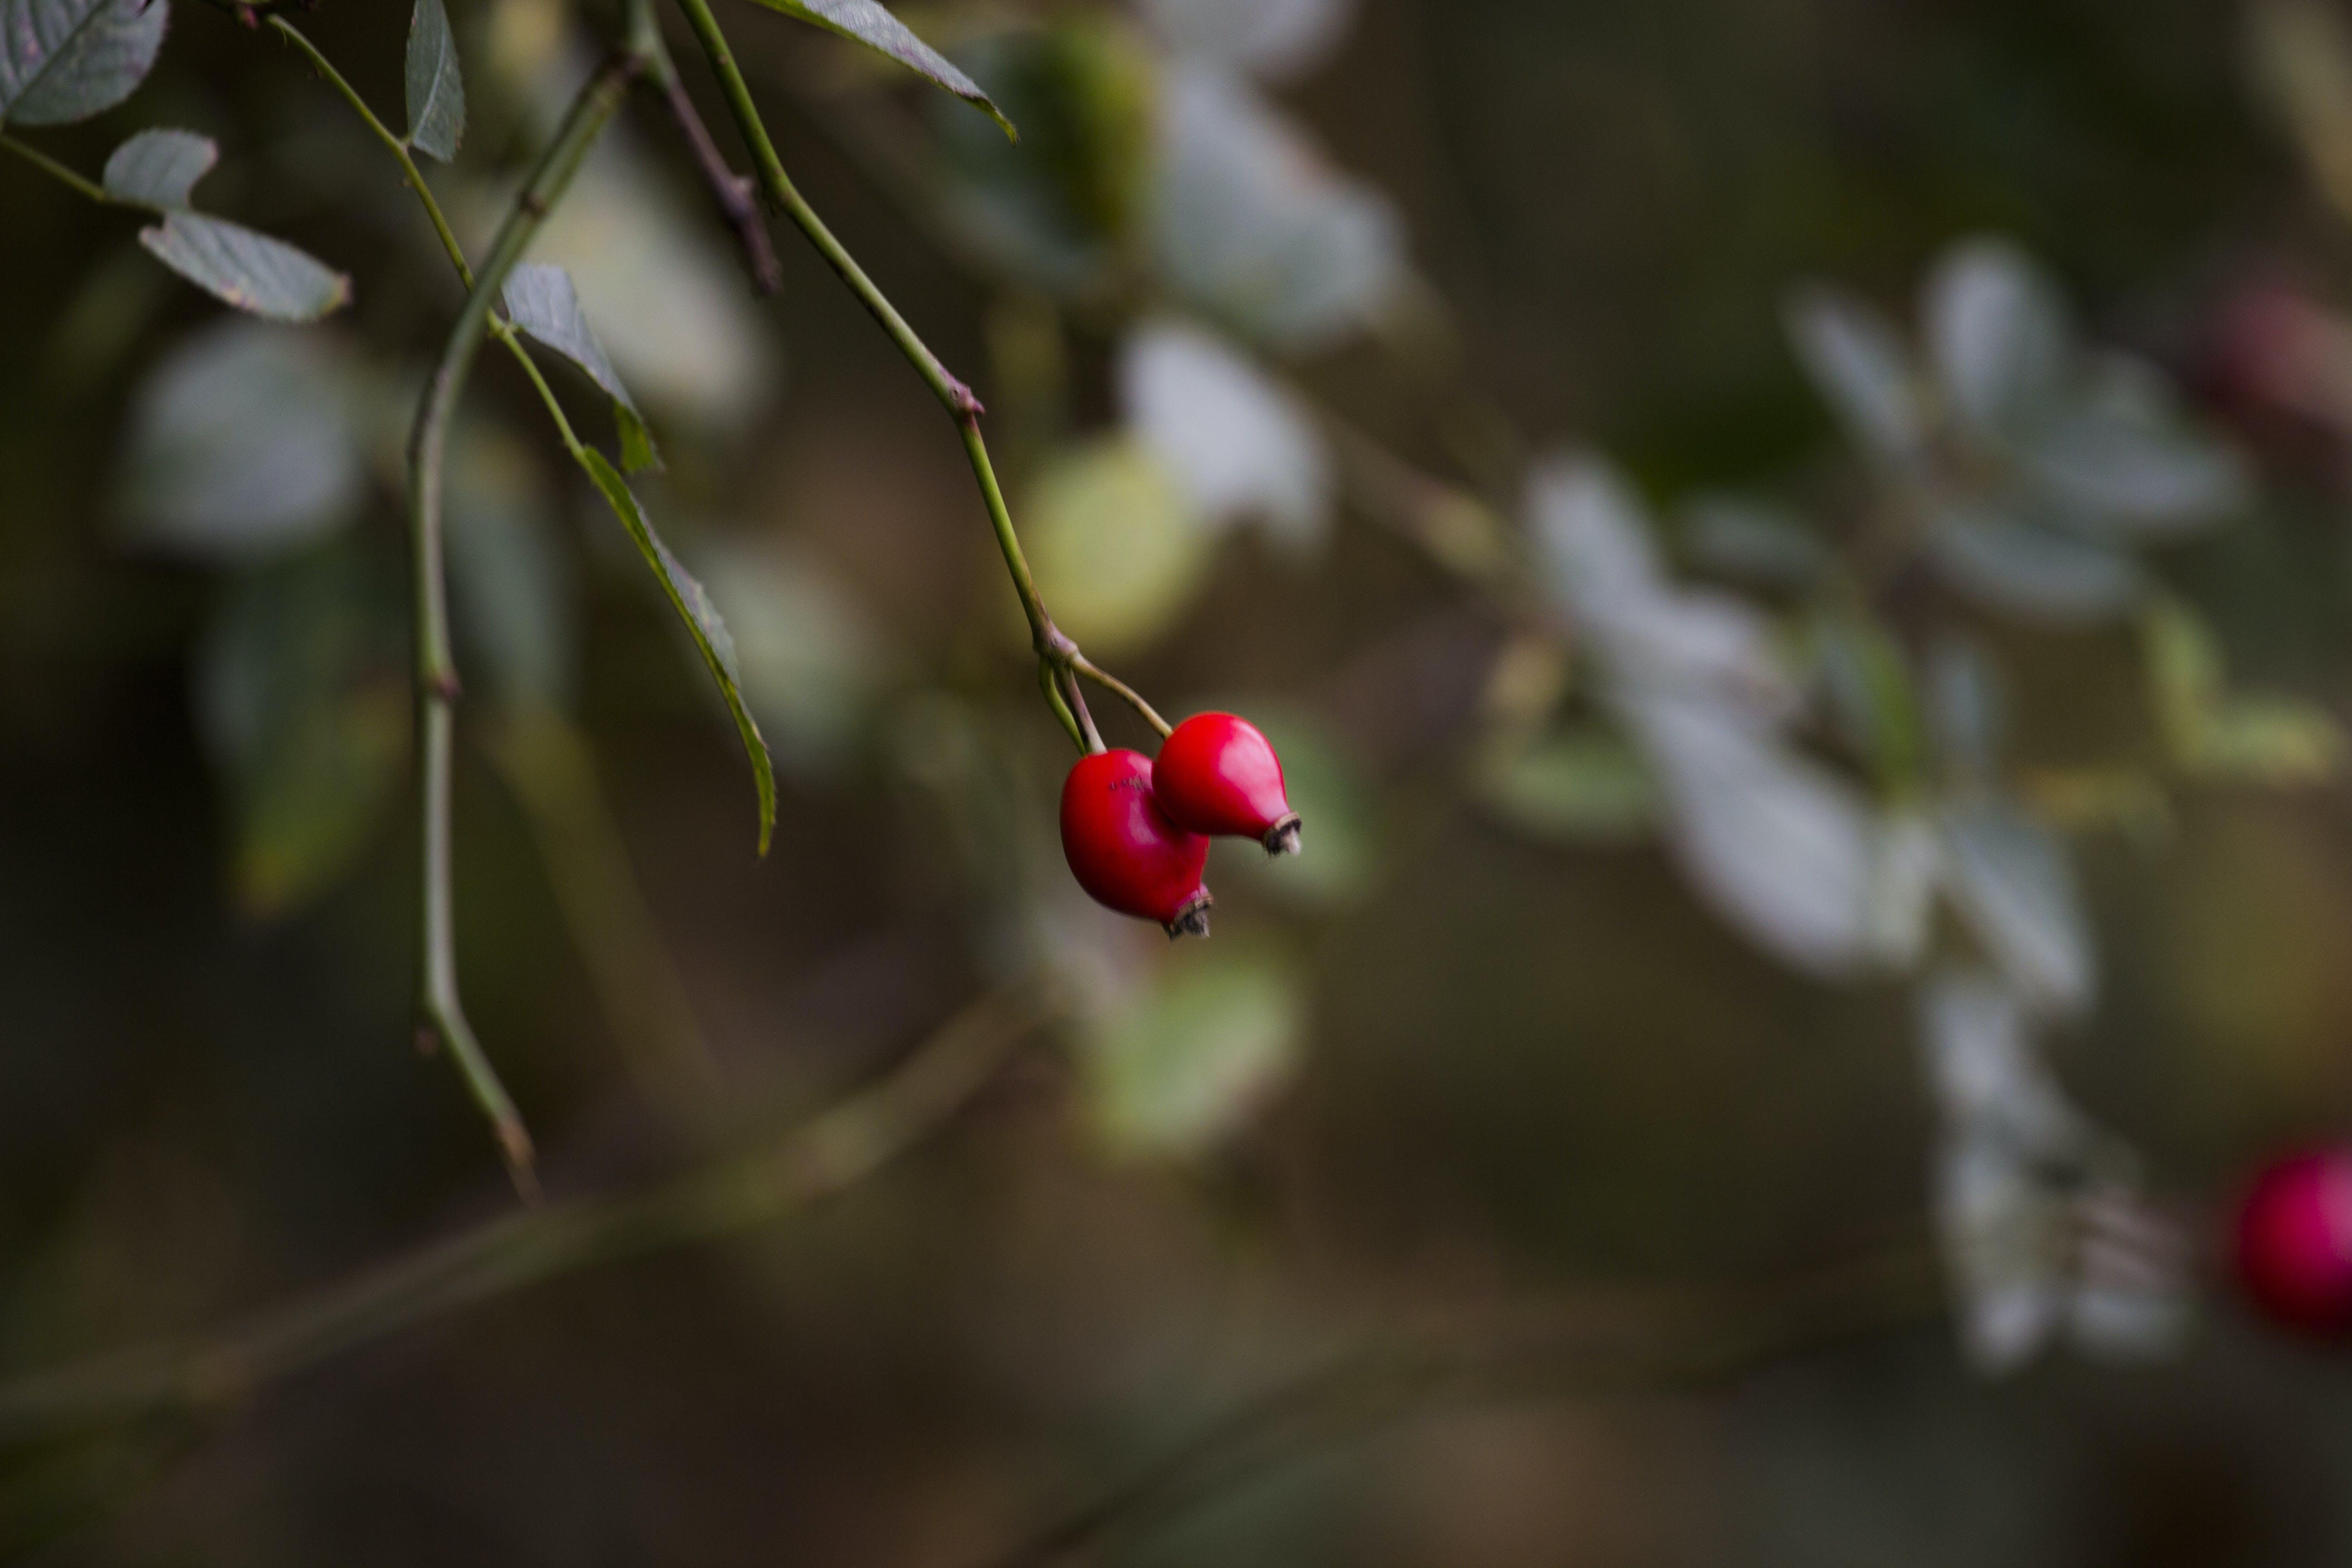 가을 숲, 레드베리, 베리류의 무료 스톡 사진